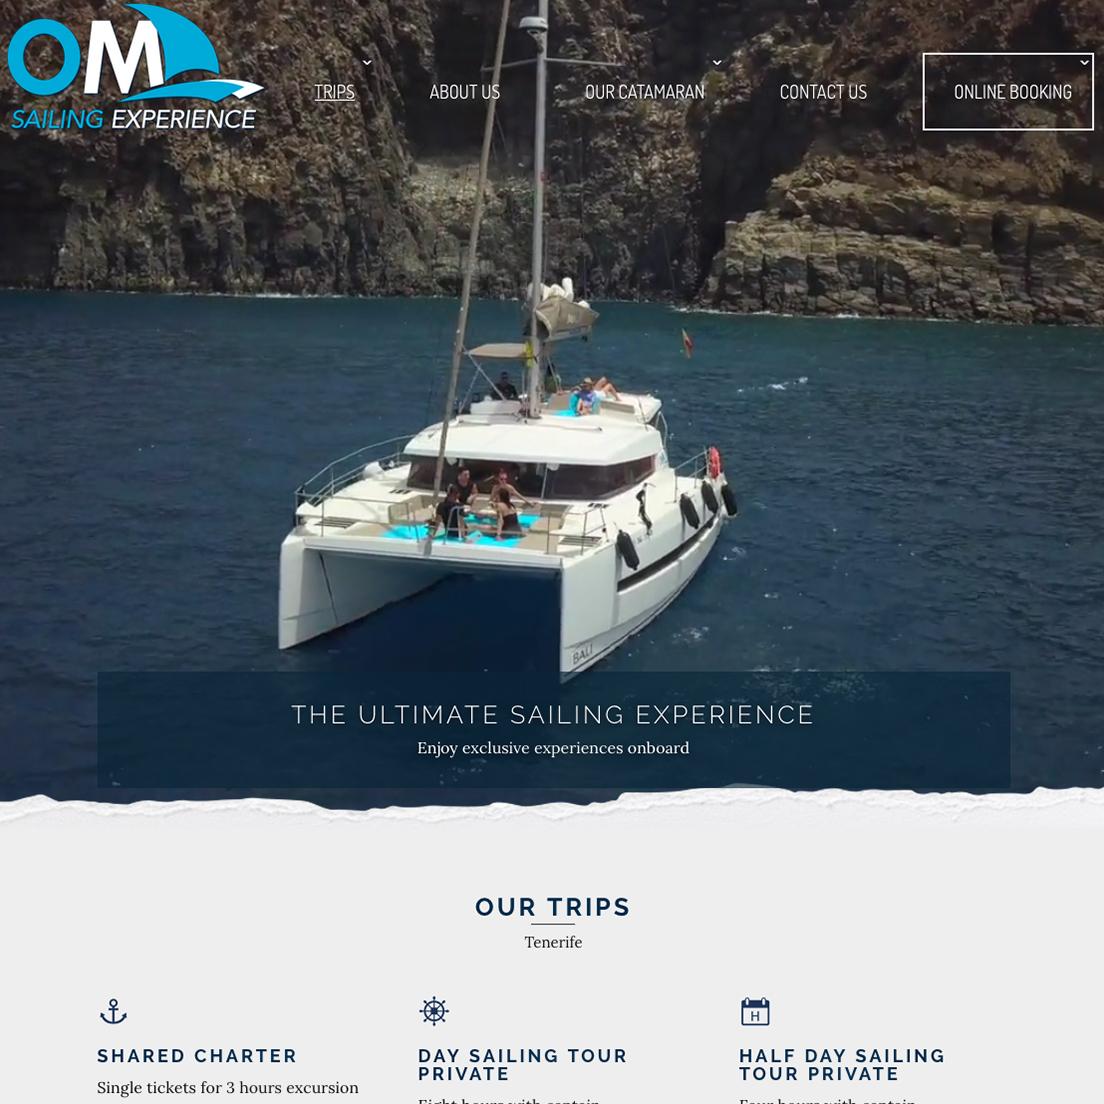 OM Sailing